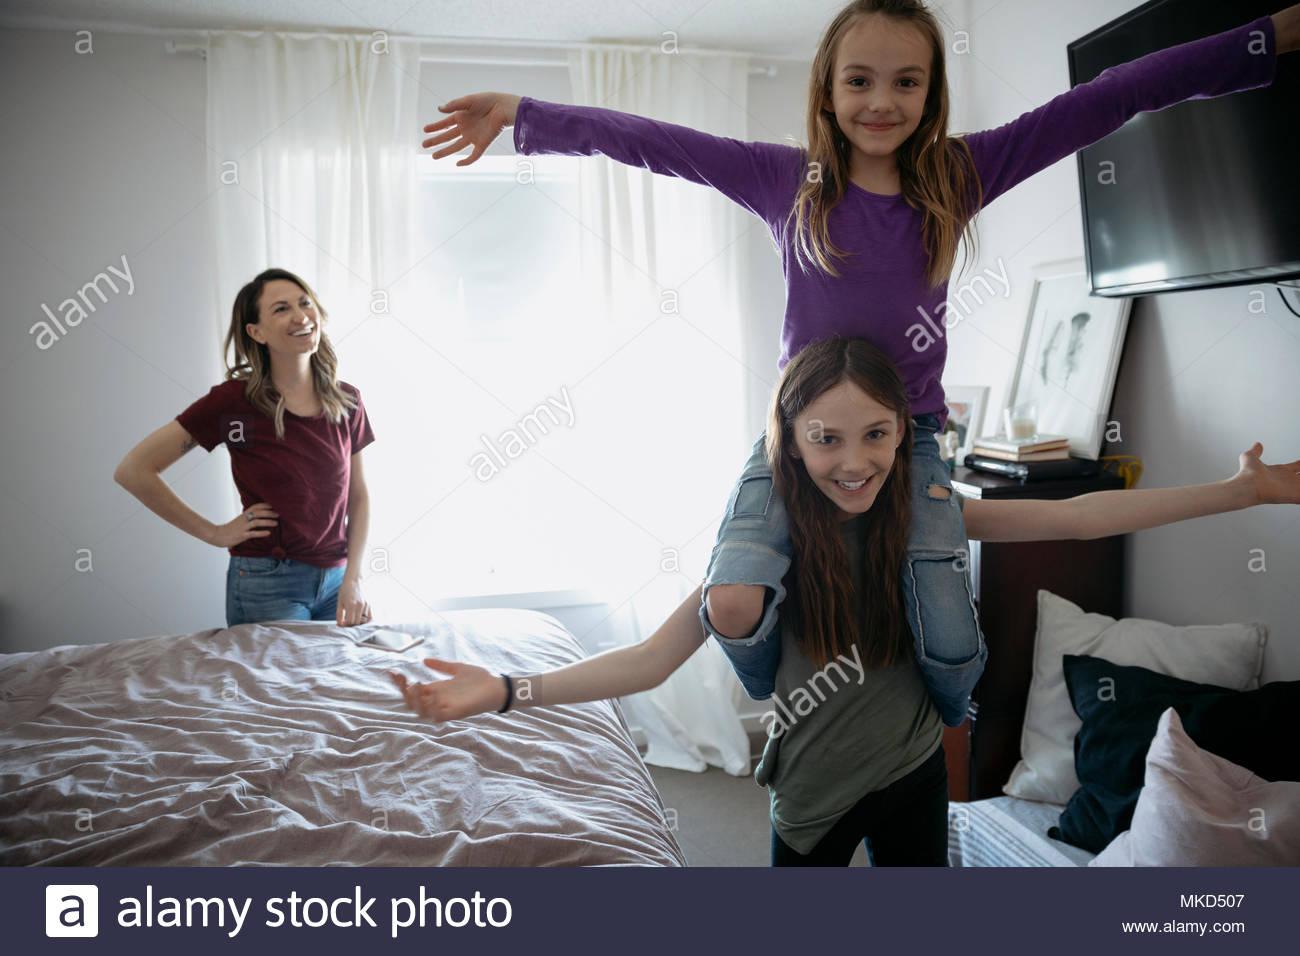 Playful girl Portrait soeur portant sur les épaules dans la chambre Photo Stock